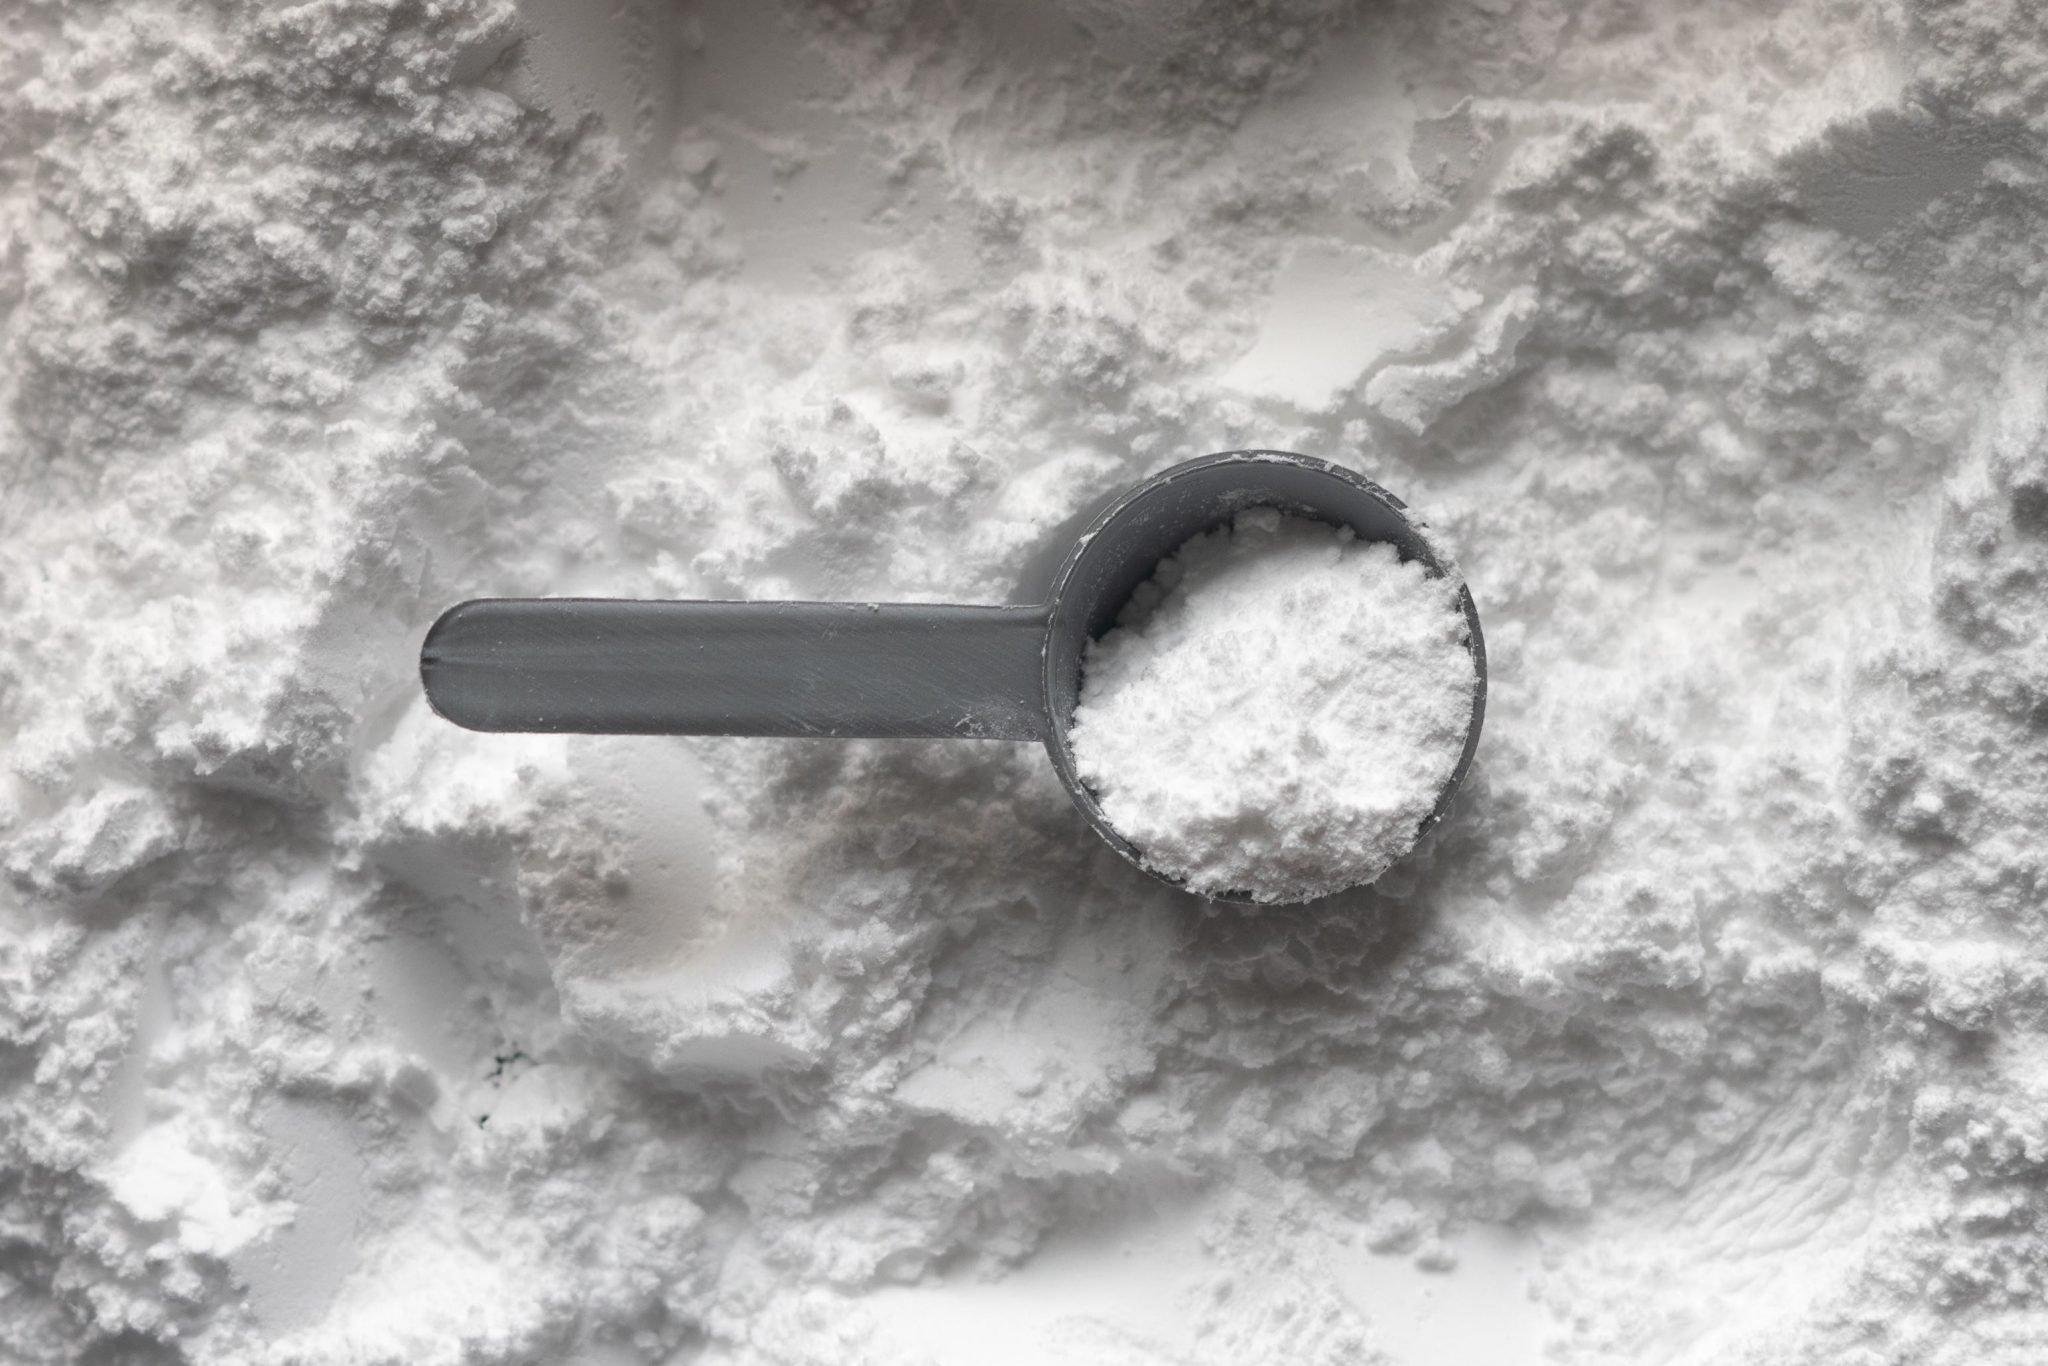 mageiriki-soda-oloi-oi-tropoi-na-tin-entaxete-sto-skincare-sas1